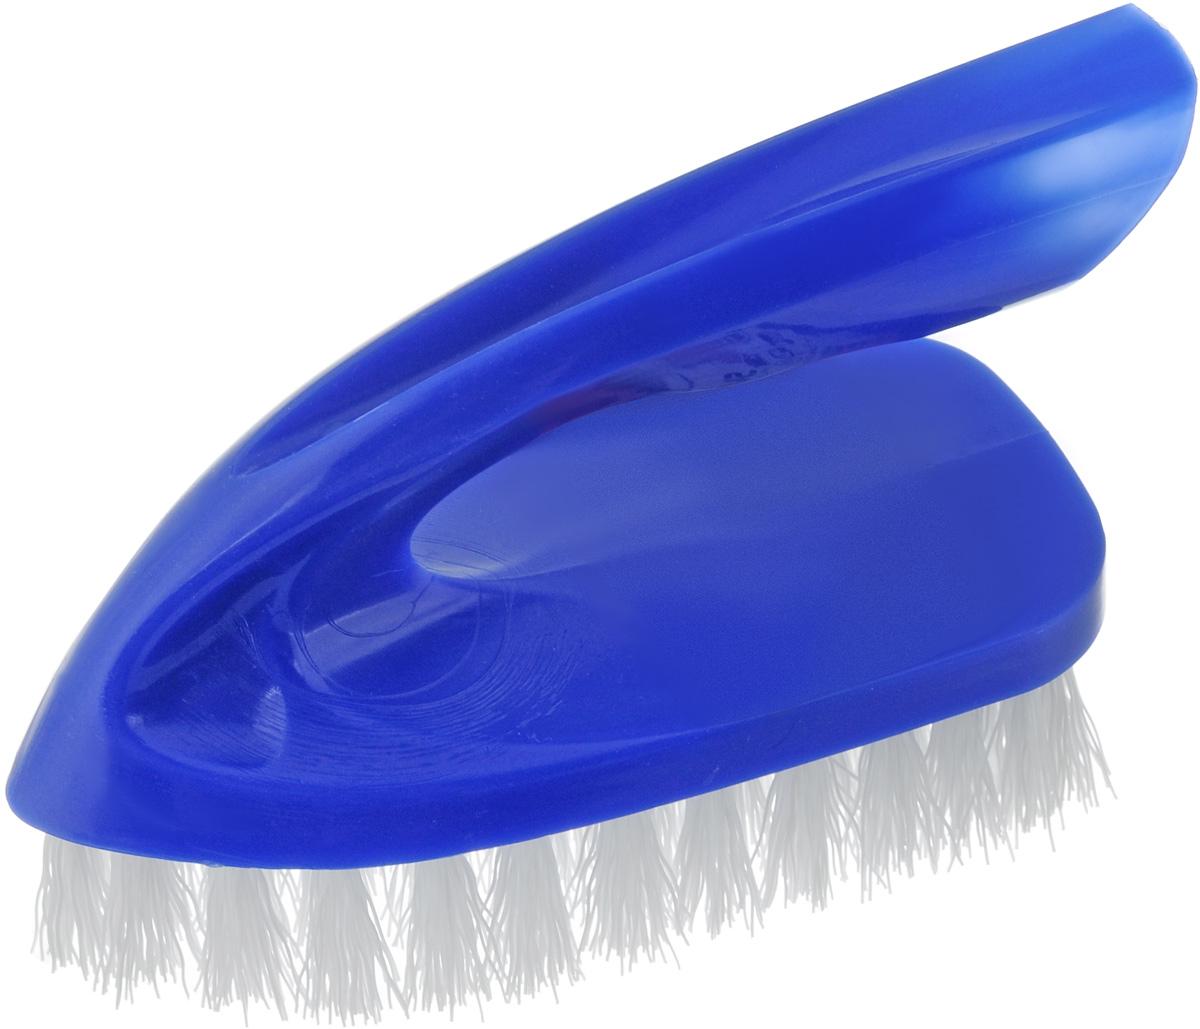 Щетка для одежды Svip Утюжок Макси. Классика, цвет: синий, 13 х 6 х 8,5 смSV3099СНЩетка Svip Утюжок Макси. Классикаизготовлена из высокопрочного пластика и предназначена для удаления ворсинок, волос, пыли и шерсти животных, с различных поверхностей. Может использоваться для мягкой мебели и салона автомобиля.Ручка, расположенная сверху, сделана как у утюжка, обеспечивает удобство при работе с ней.Щетина средней жесткости не повреждает поверхность.Благодаря качественной щетине, щетка прослужит долгое время.Щетка Svip Утюжок Макси. Классика, станет незаменимым аксессуаром в вашем доме или автомобиле.Длина щетины: 2,5 см, Размер щетки: 13 х 6 х 8,5 см.